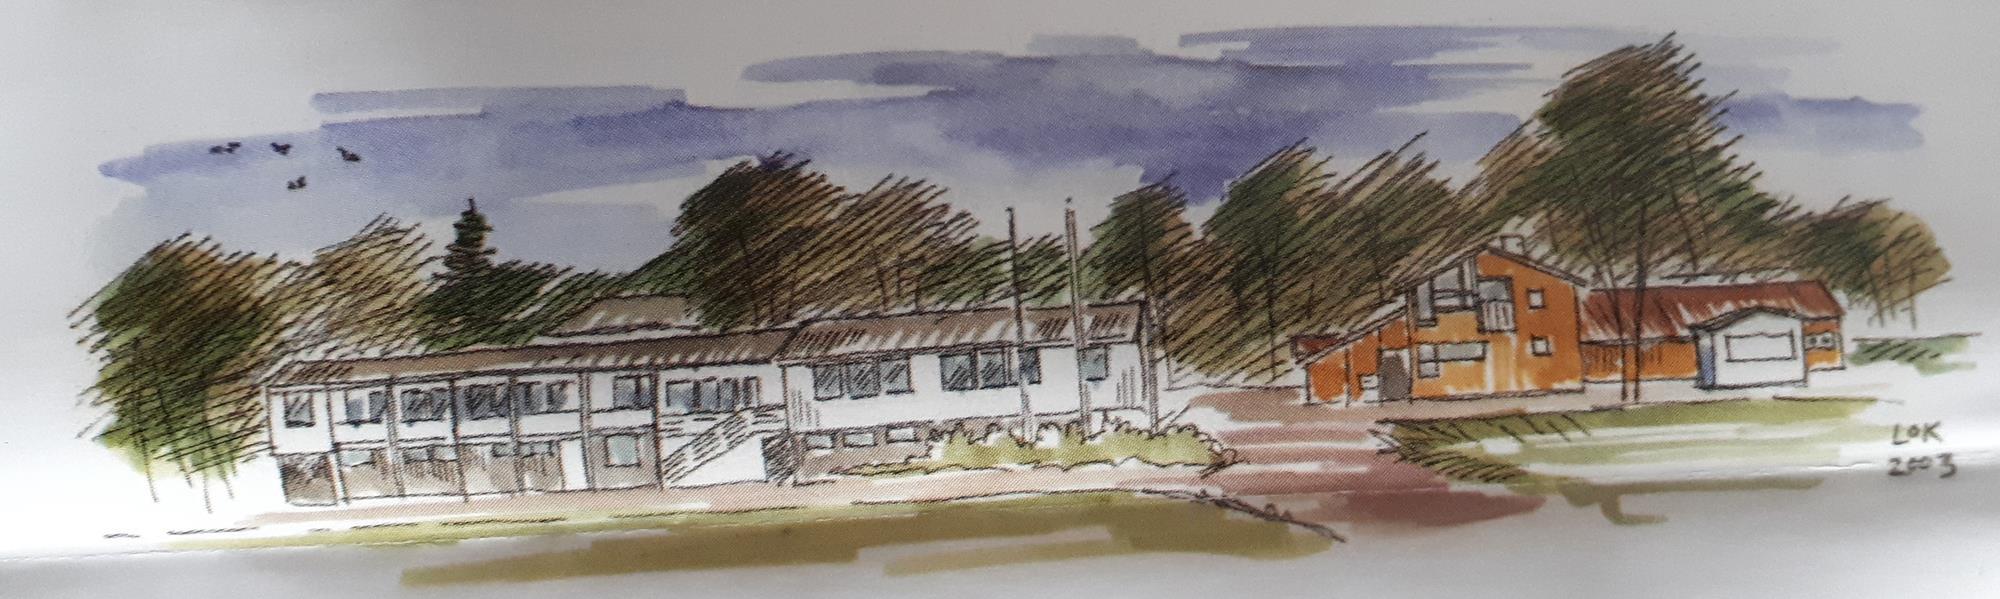 Klubbhuset tegnet av Lars Ole Klavestad 2003.